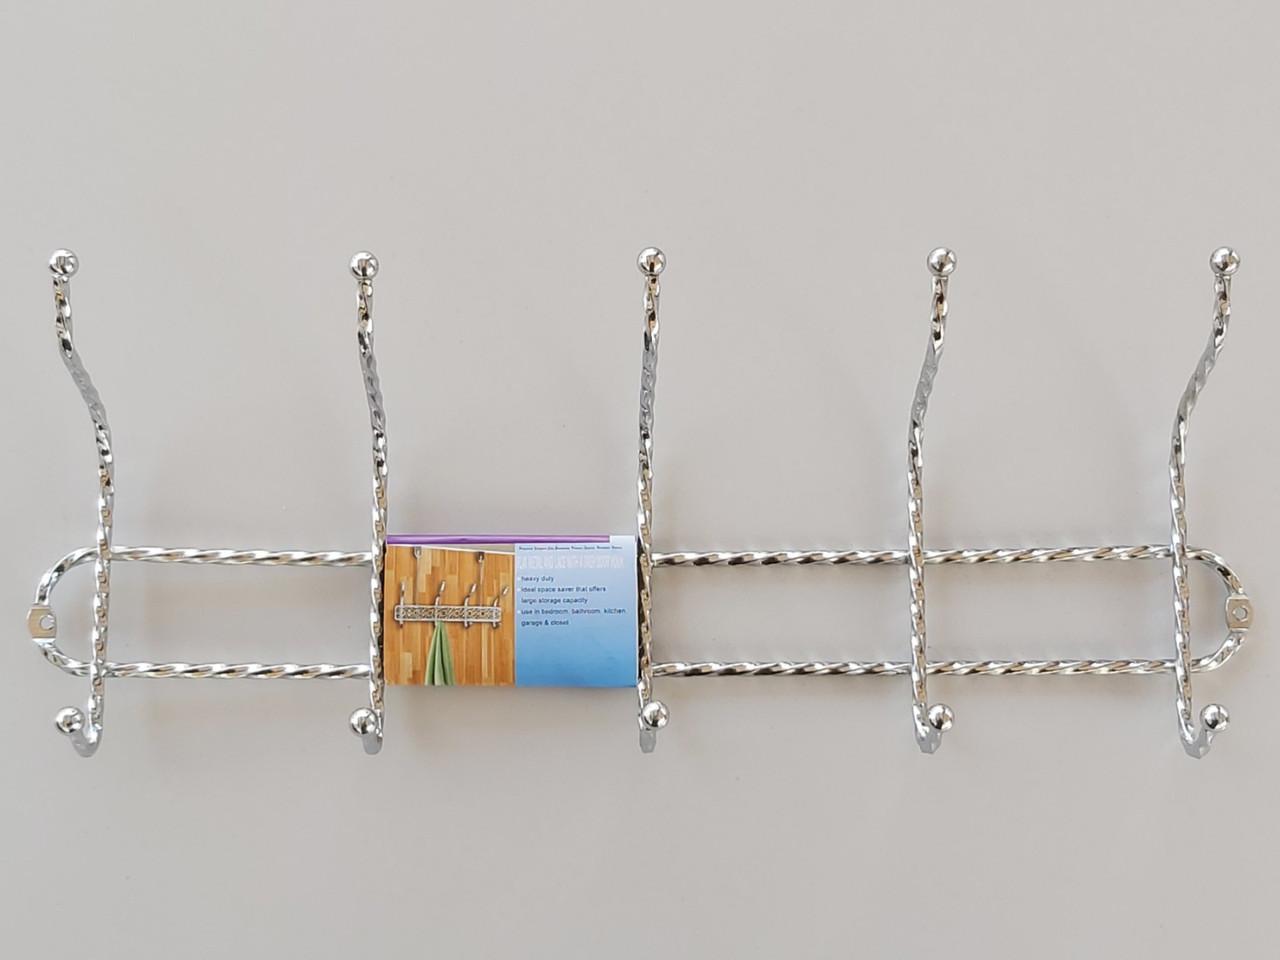 Длина 40,5 см. Вешалка настенная КНК5 металлическая хромированная на 5 крючков